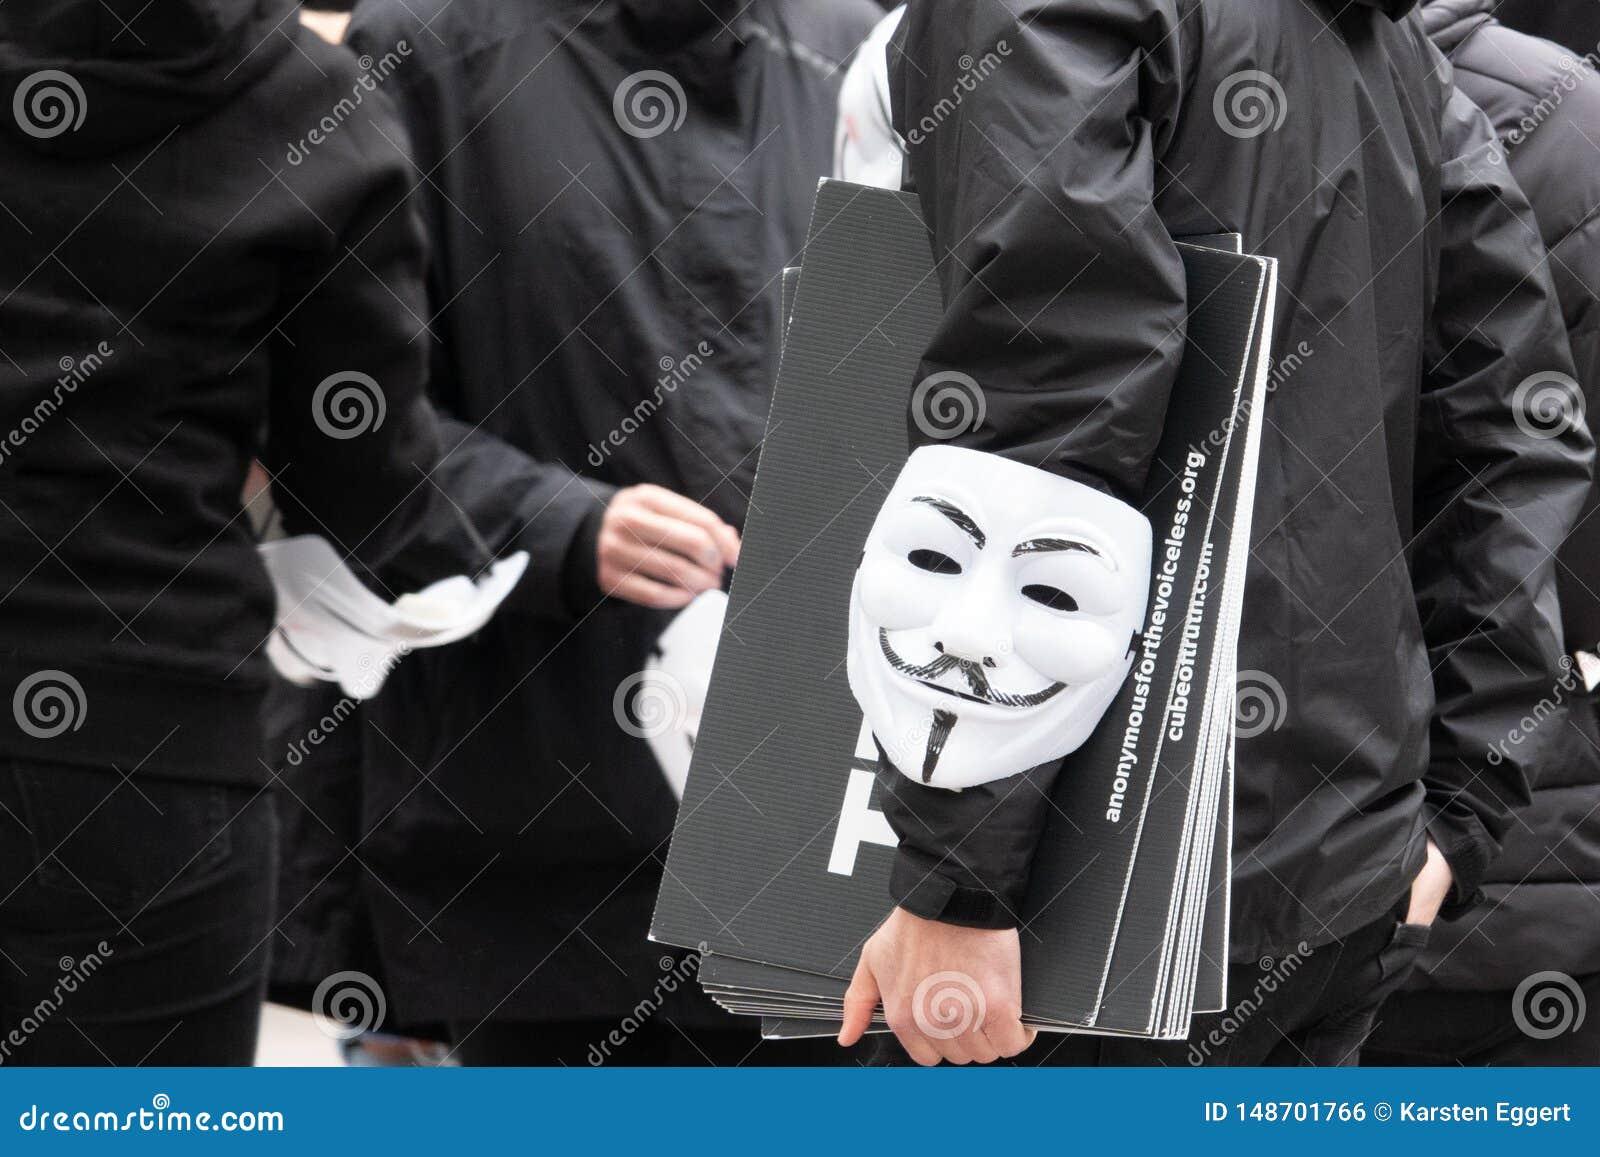 Le groupe des jeunes habill?s tous dans le noir sort sur la rue pour d?montrer avec les masques anonymes